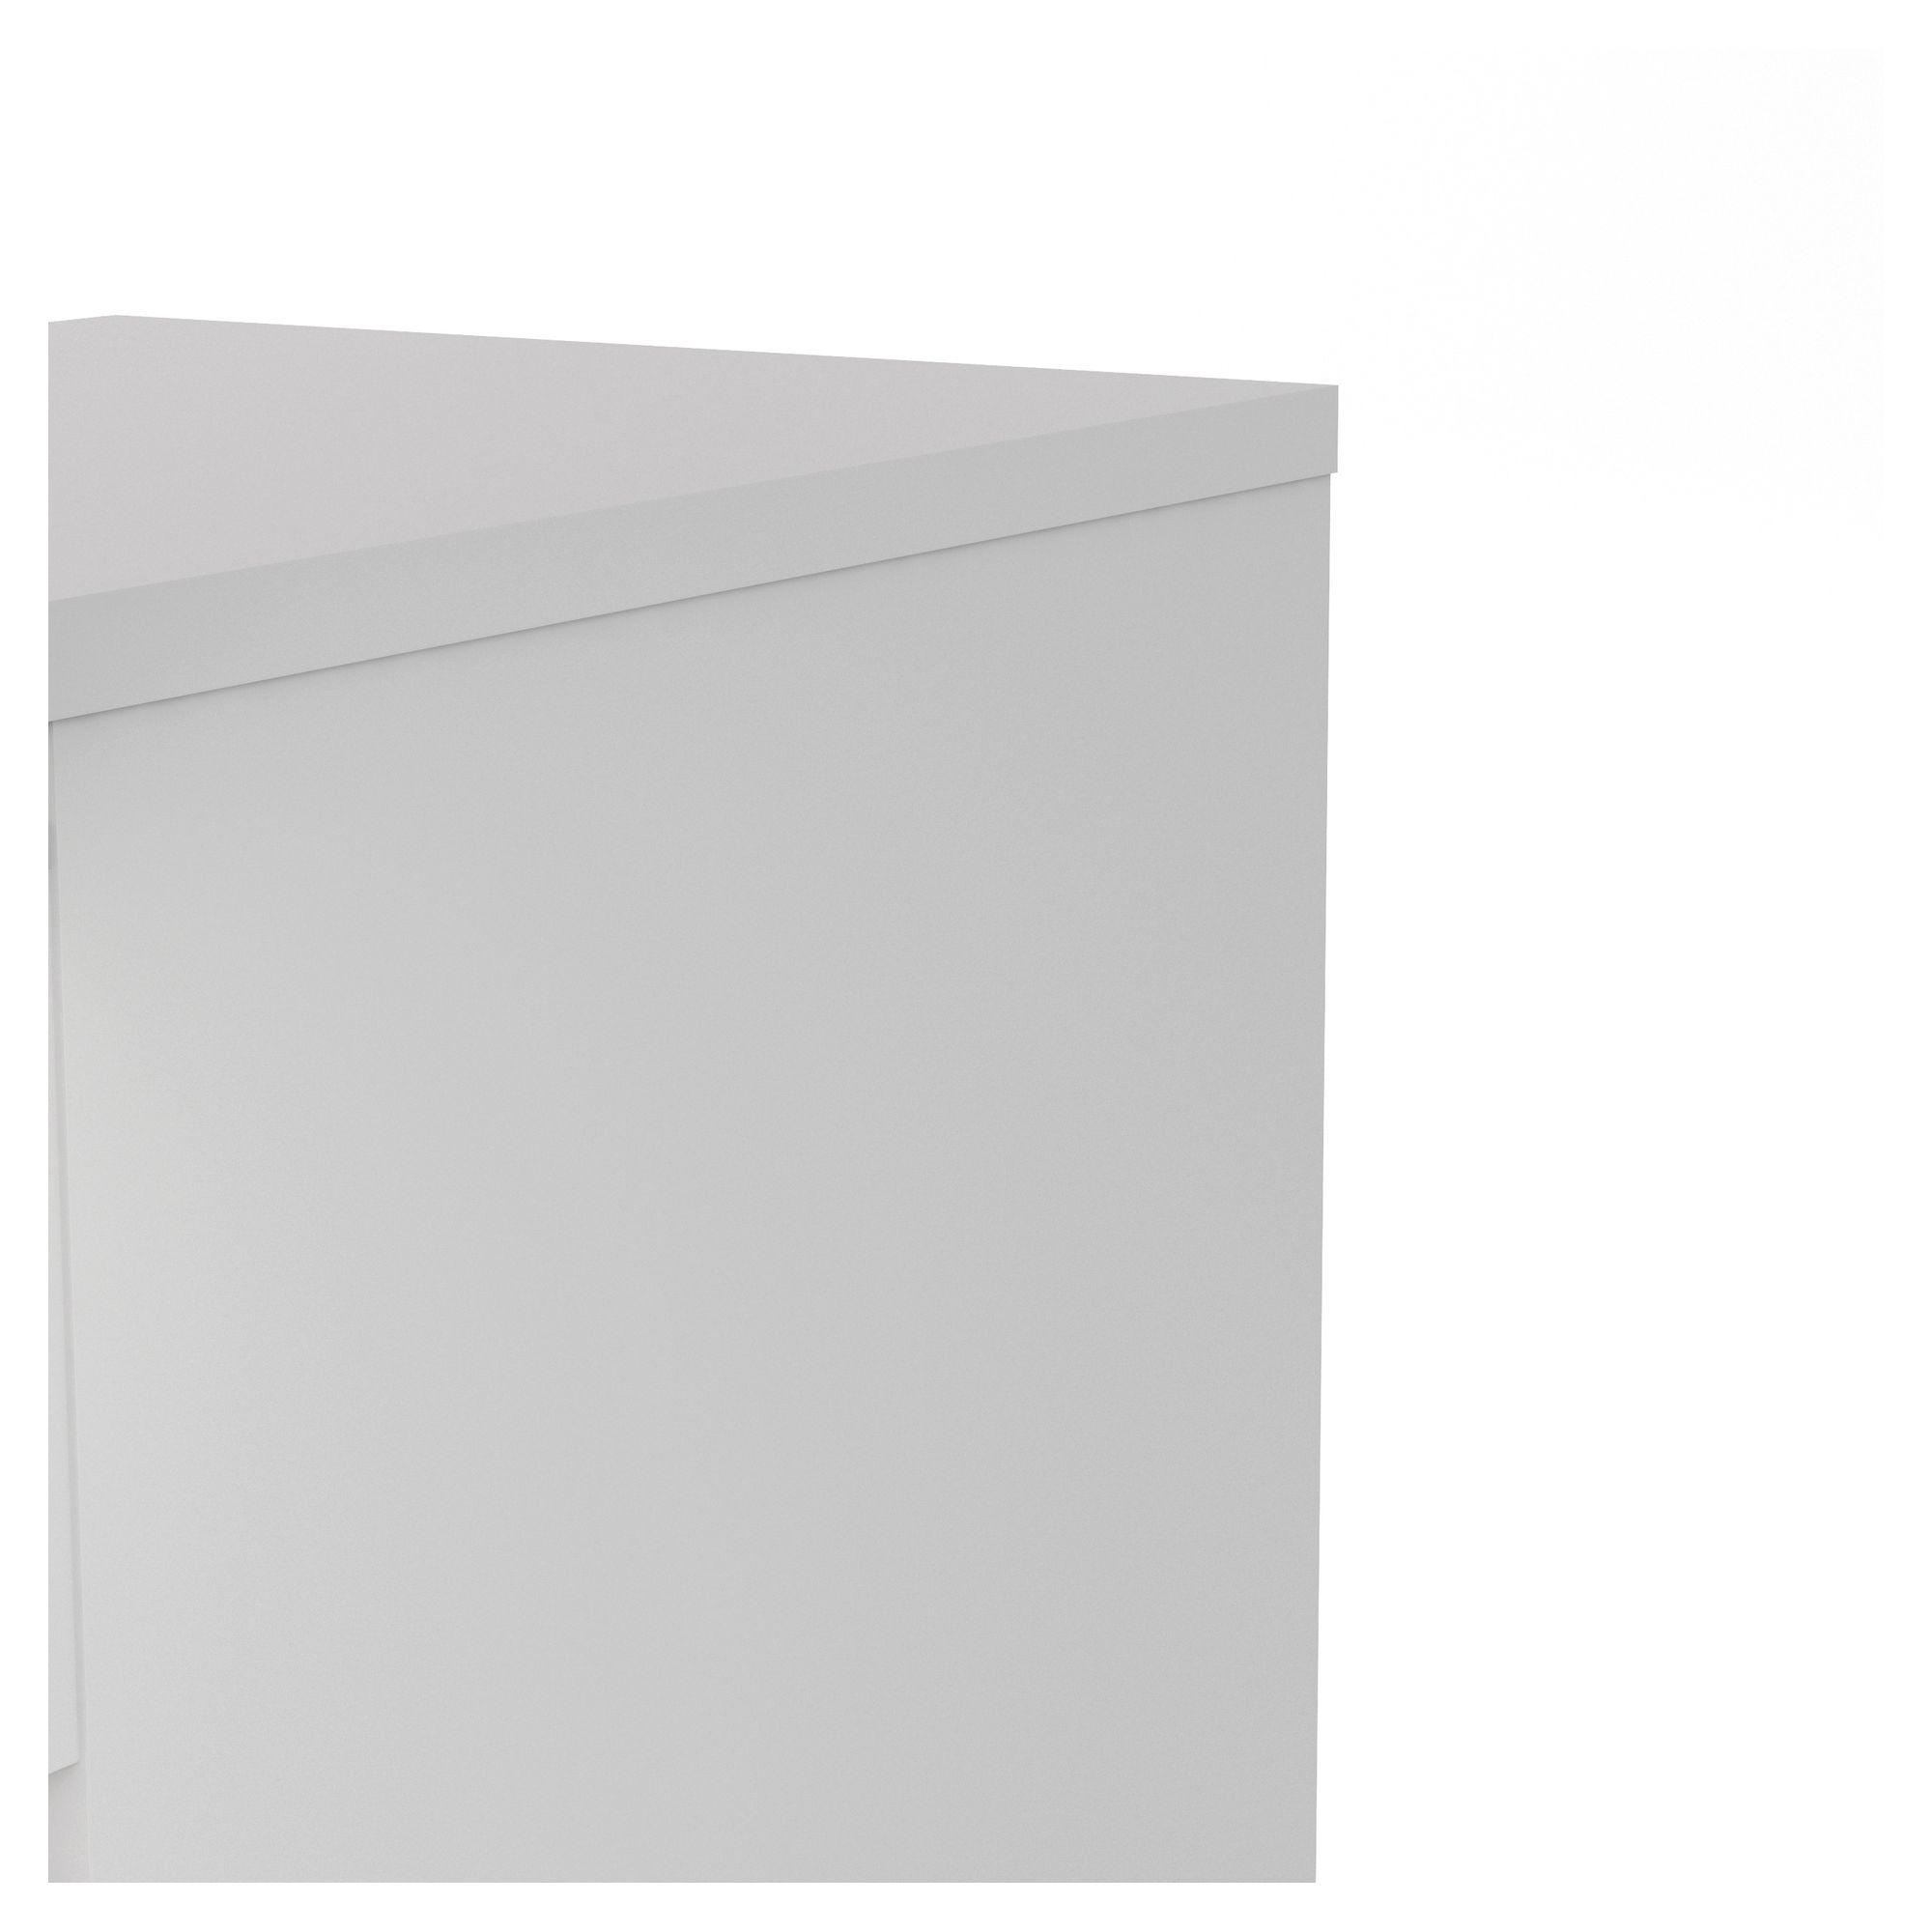 Naia Kommode - Hvid højglans m/5 skuffer B:40 - Smal kommode med 5 skuffer